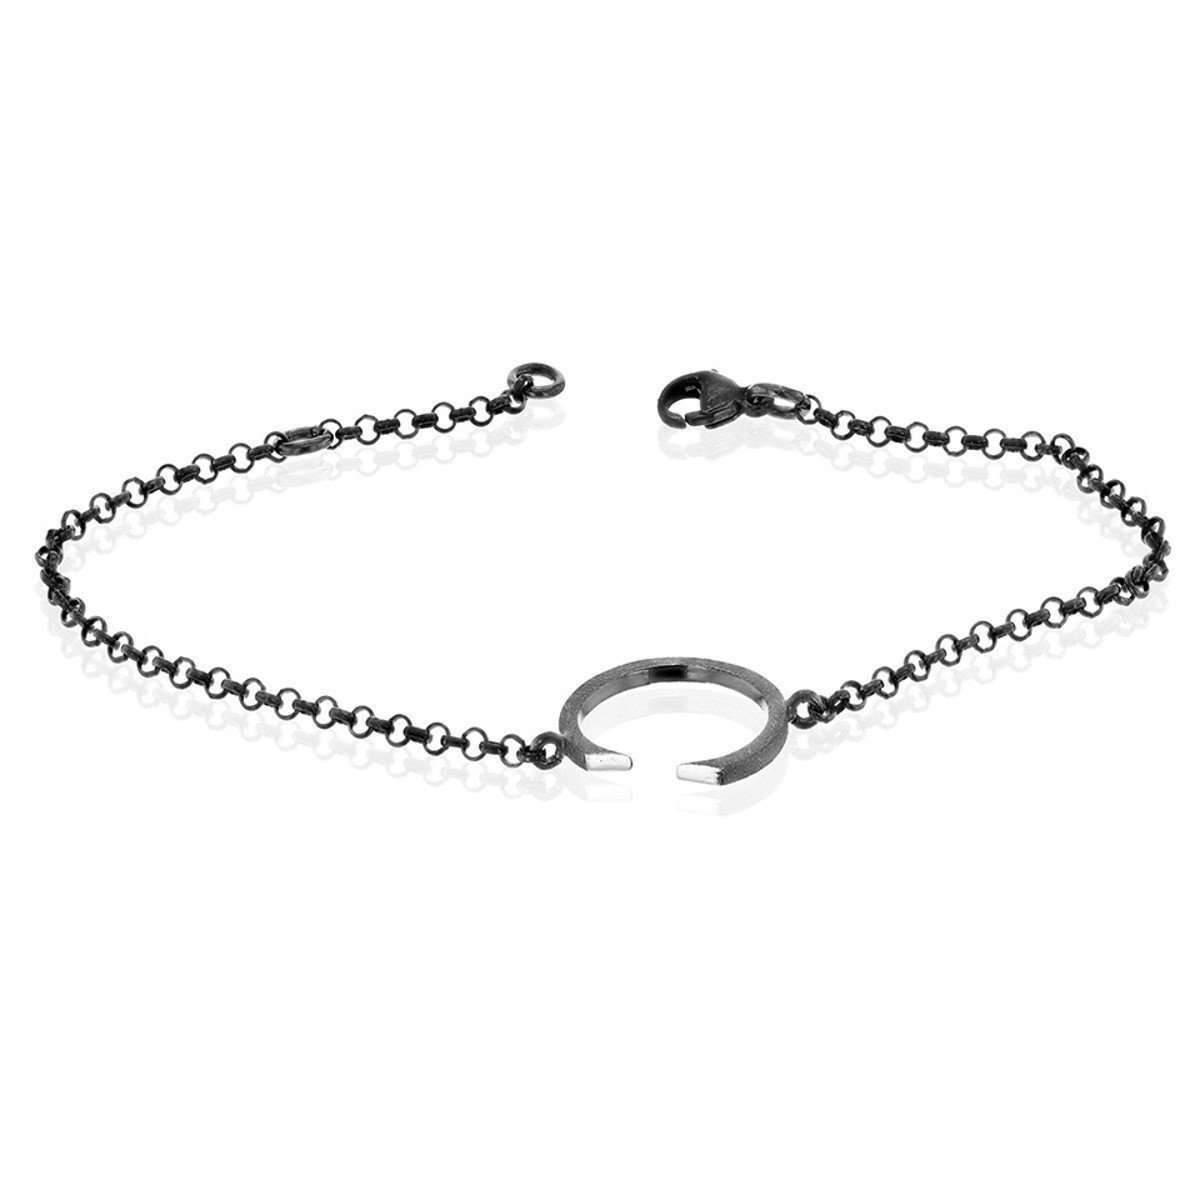 JEWELLERY - Bracelets Almala wPlO5y6